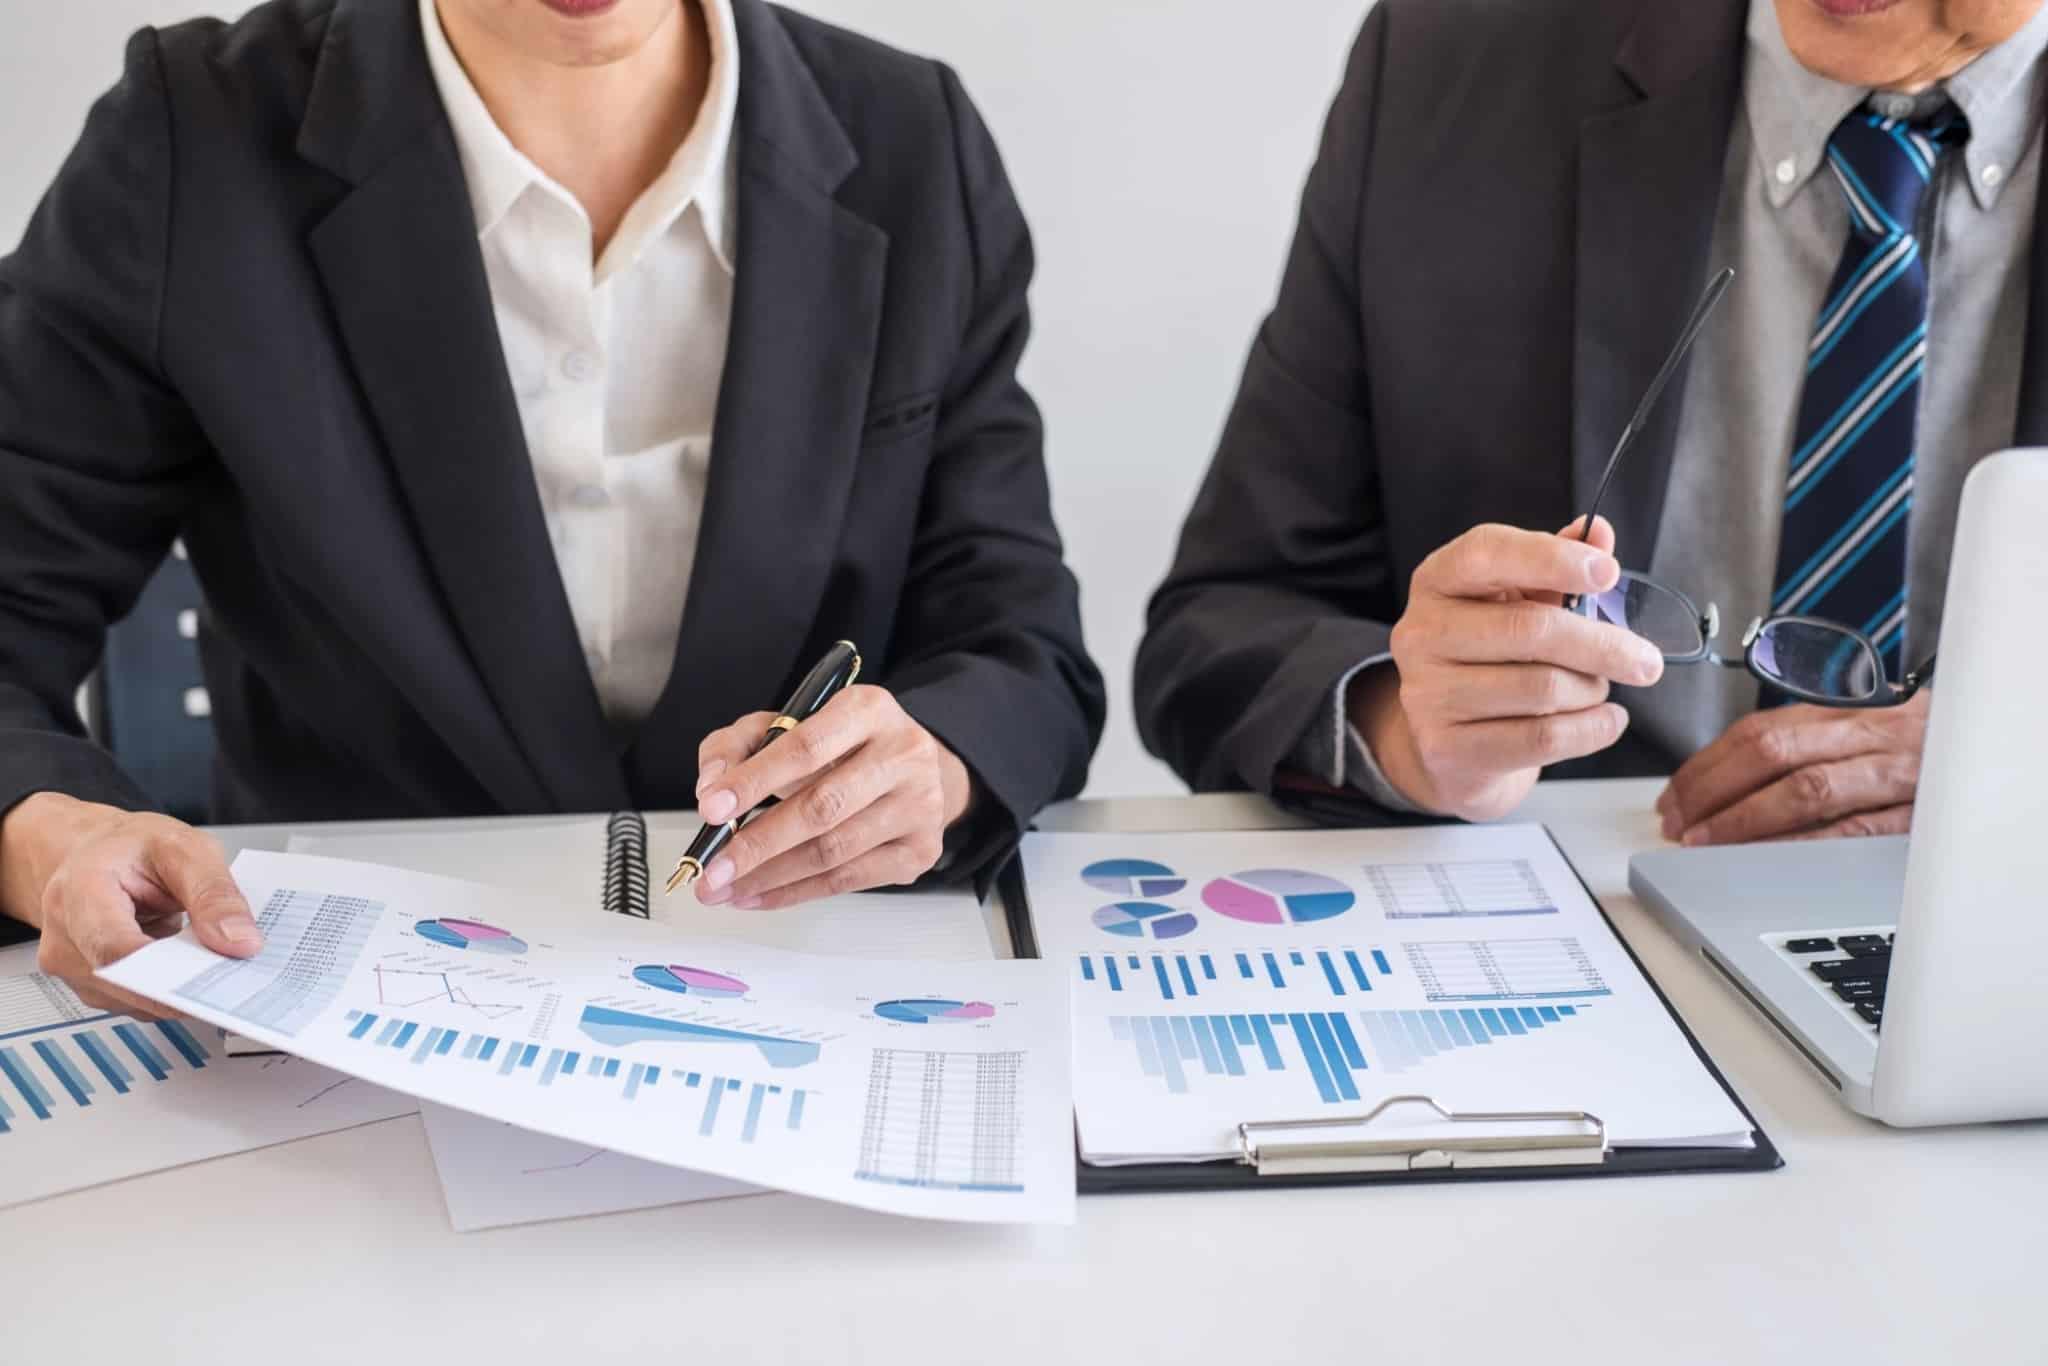 dois empresários a mexer em gráficos